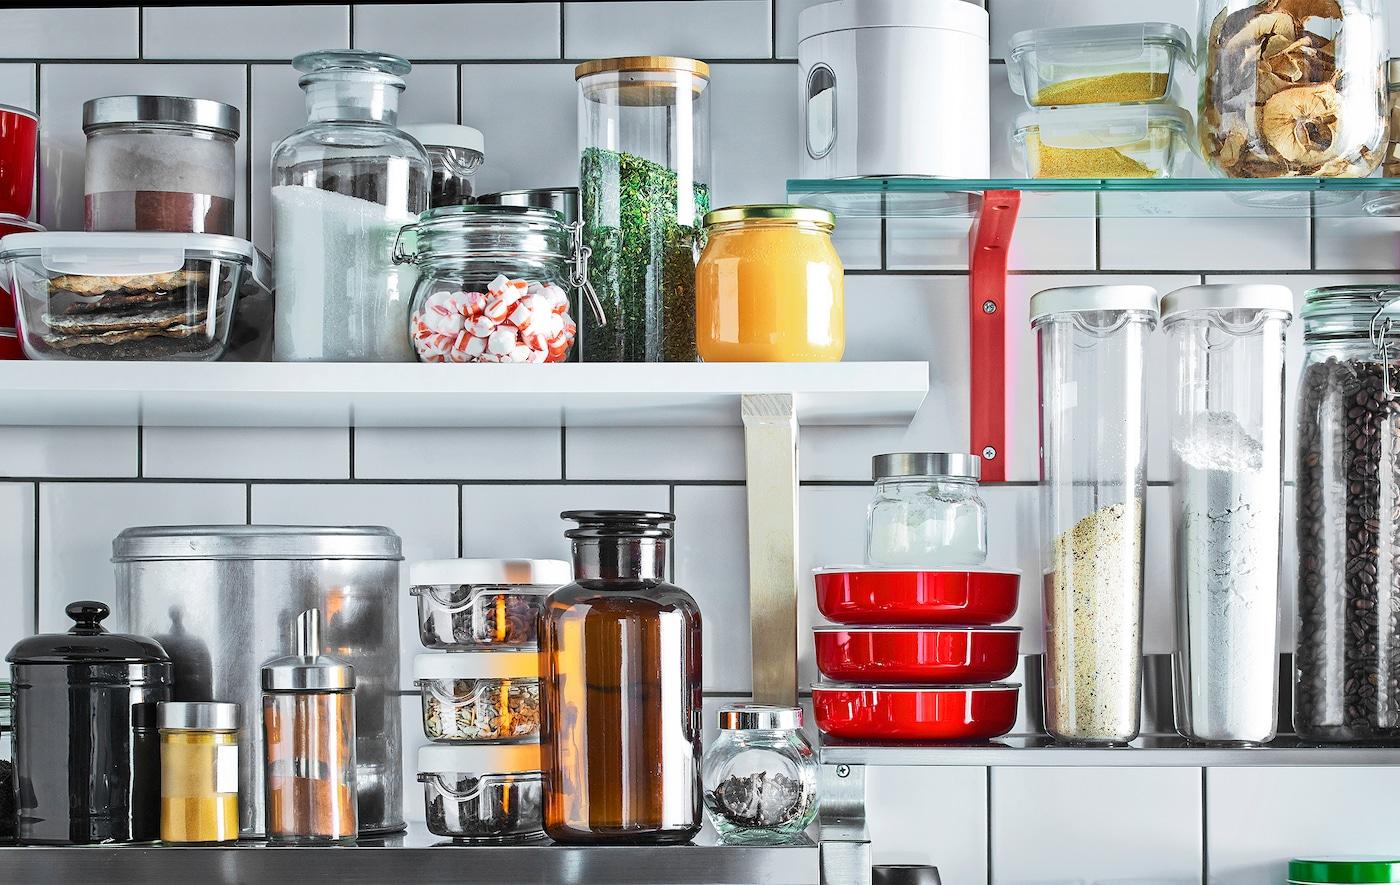 Les étagères murales sont parfaites pour ranger les ustensiles et les ingrédients les plus souvent utilisés en cuisine.